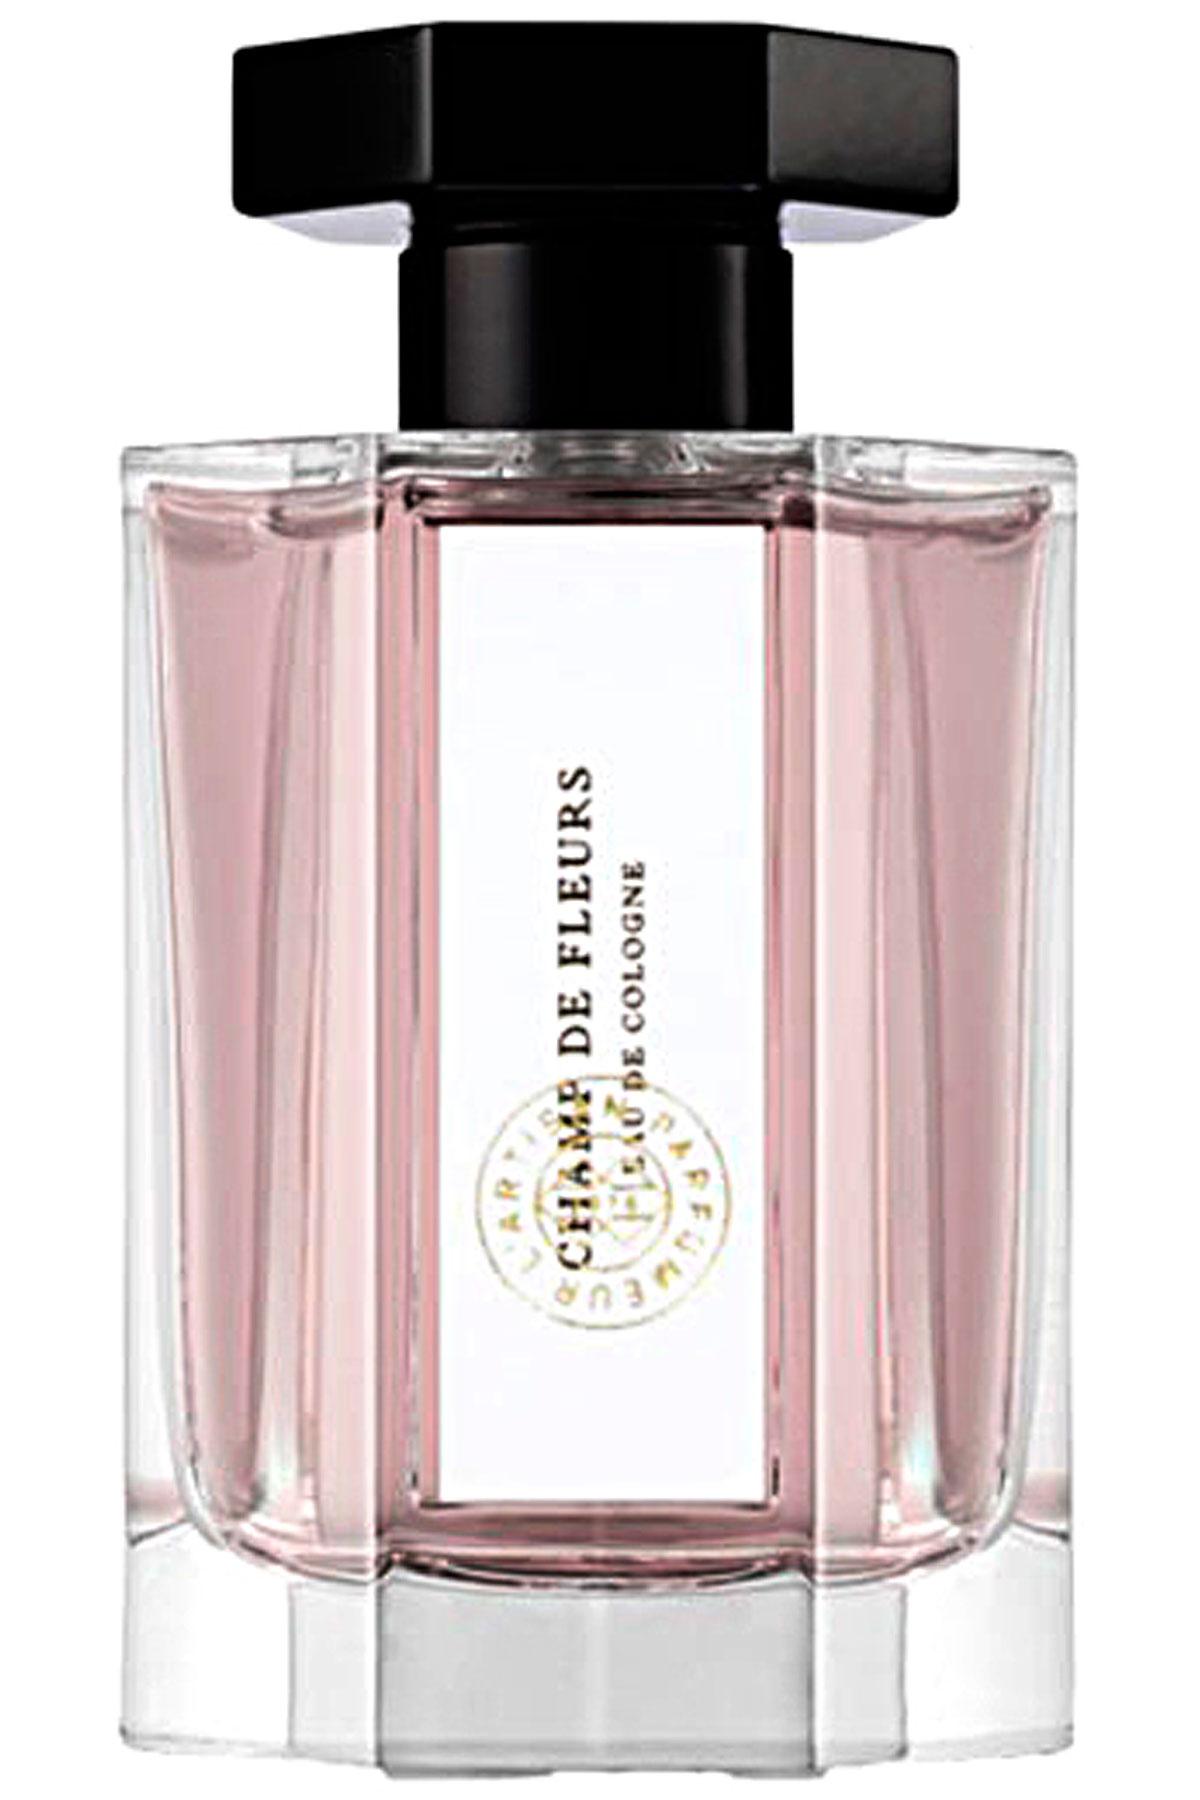 Artisan Parfumeur Fragrances for Women, Champ De Fleurs - Eau De Cologne - 100 Ml, 2019, 100 ml